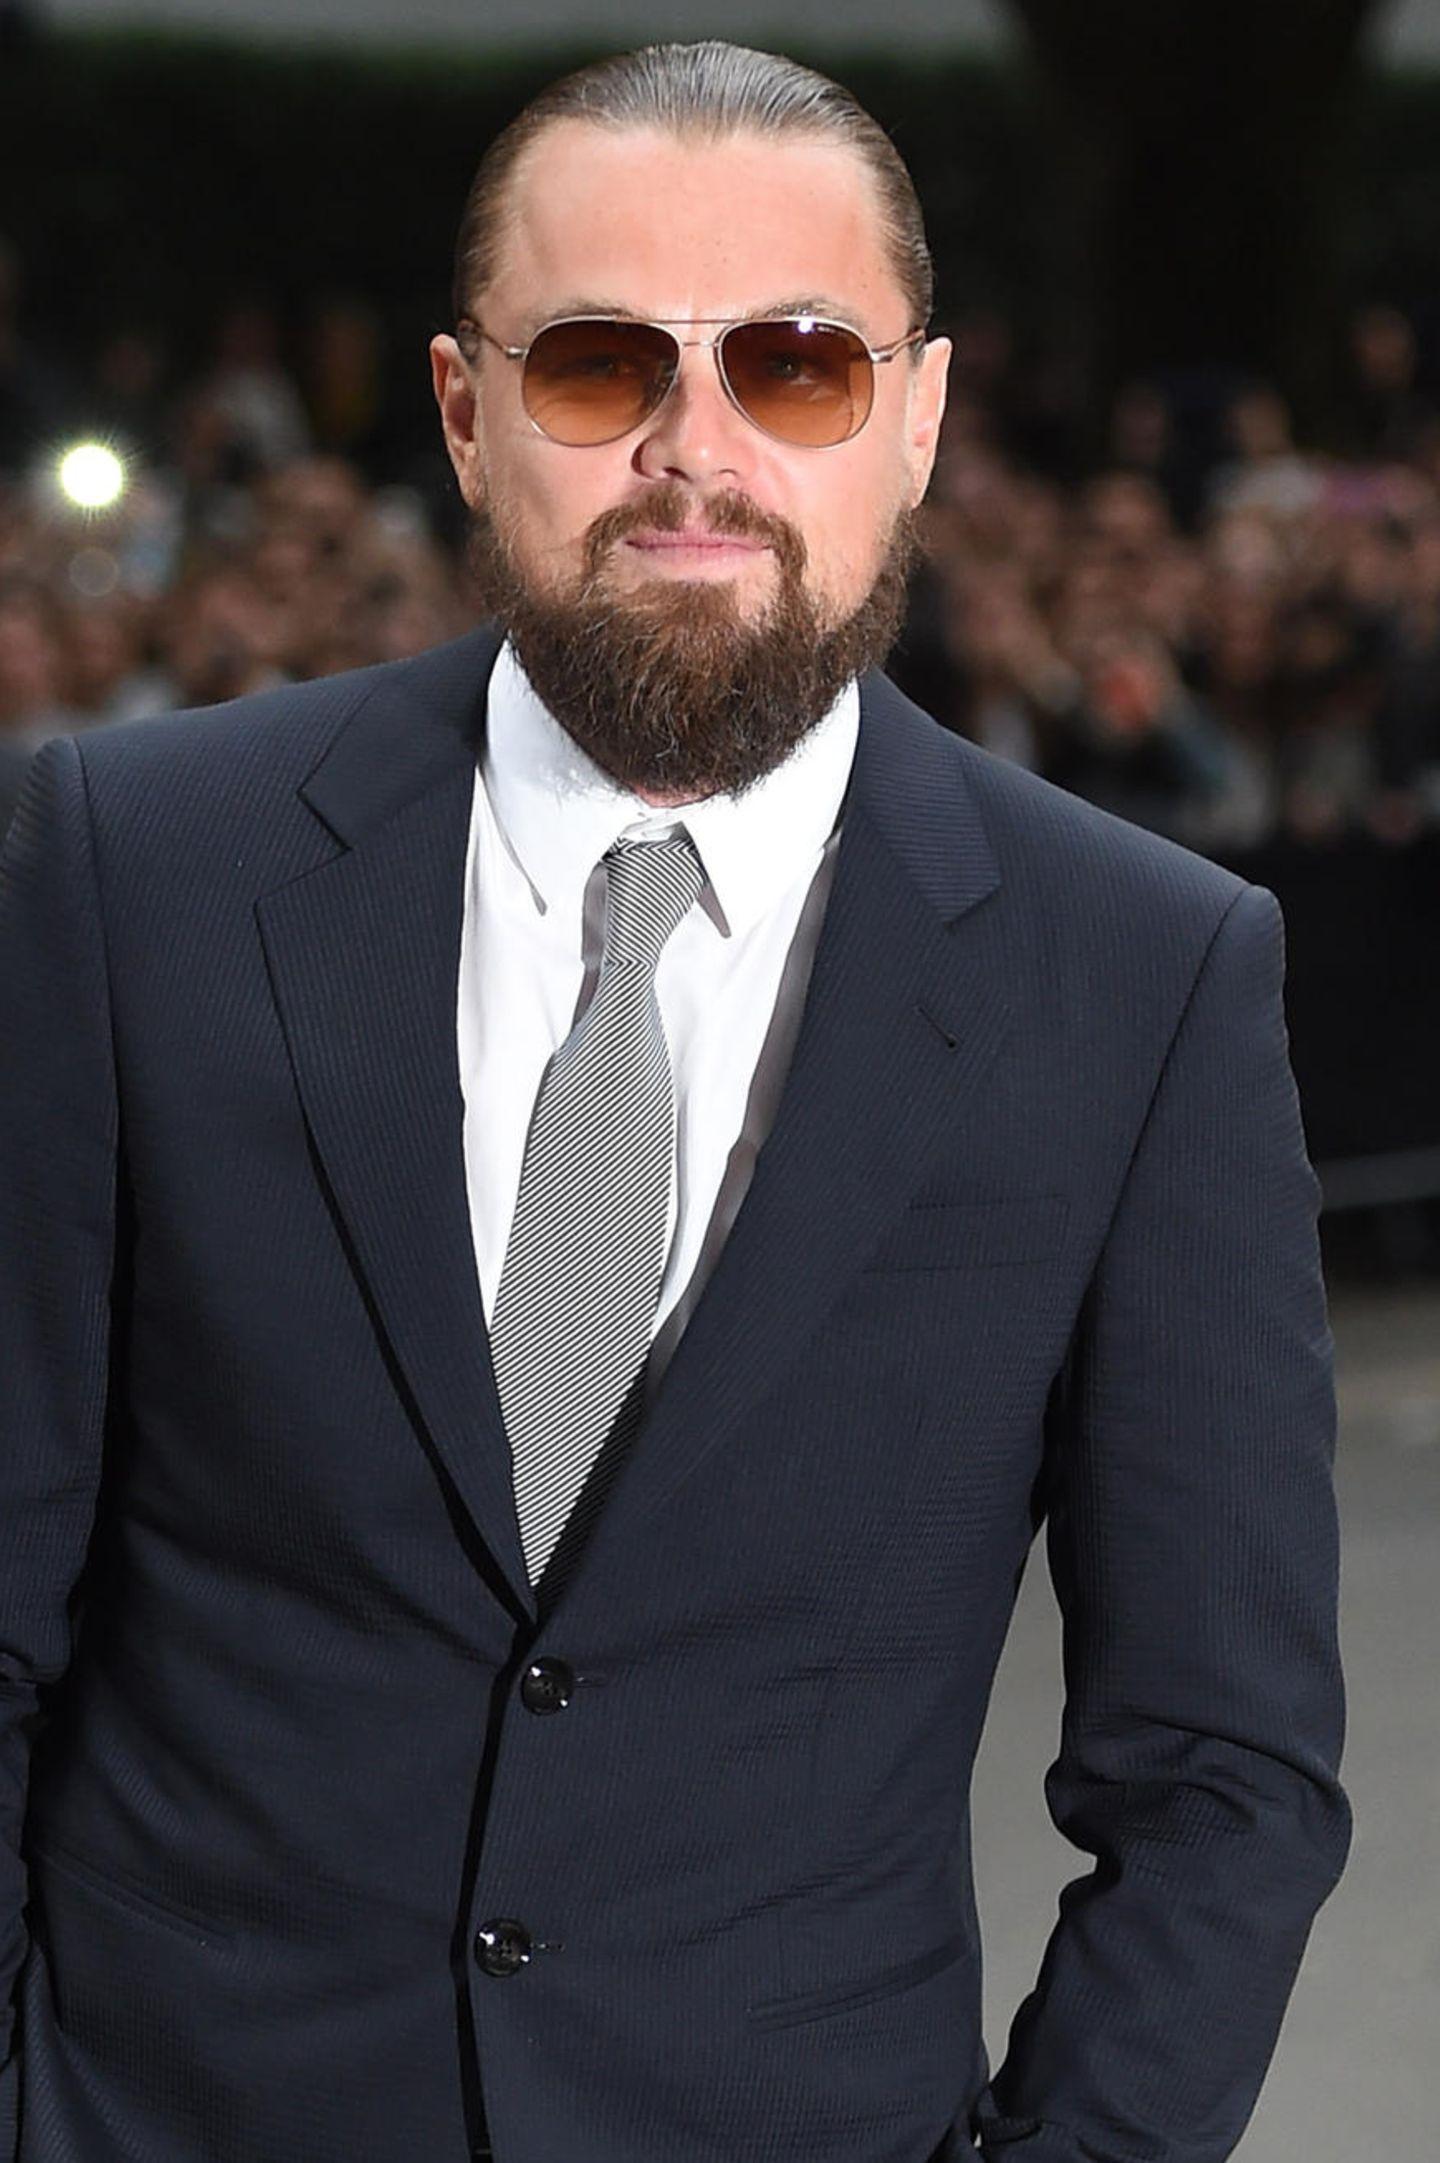 Ziemlich zottelig präsentiert sich Leonardo DiCaprio in den vergangenen Jahren. Da kann selbst der schicke Anzug nichts mehr retten. Viele weibliche Fanherzen? Gebrochen!